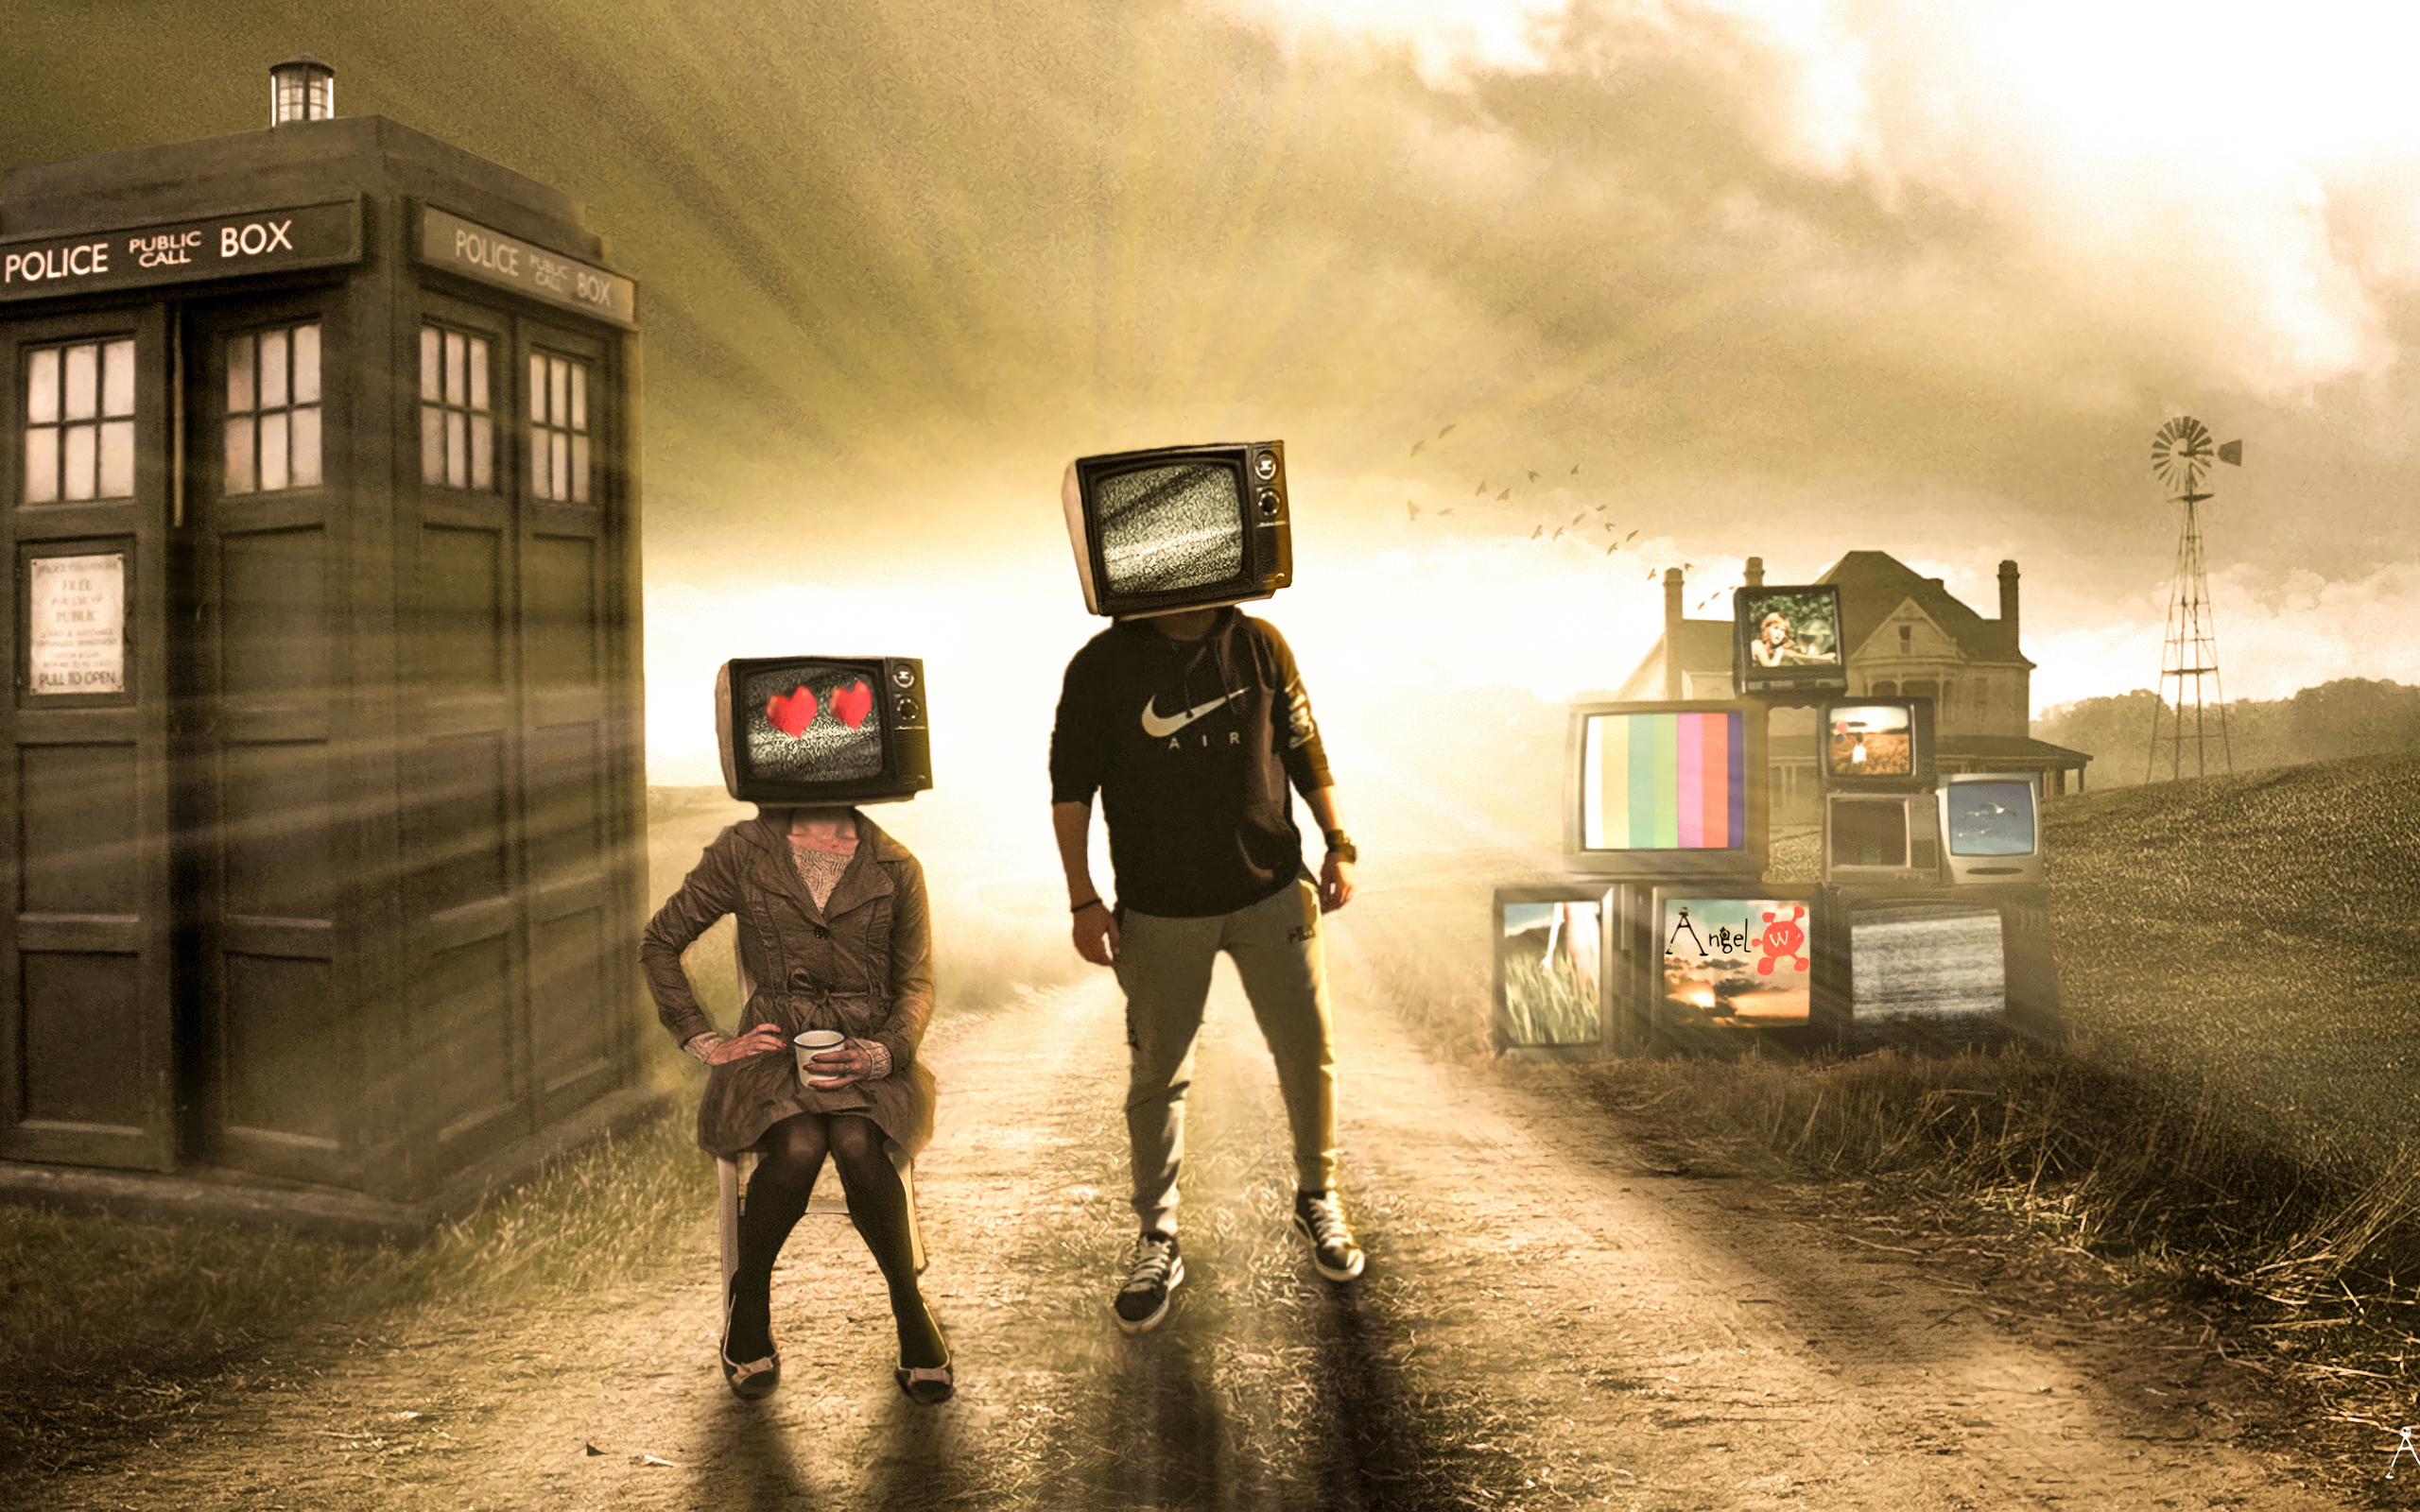 tv-people-illustration-4k-ko.jpg